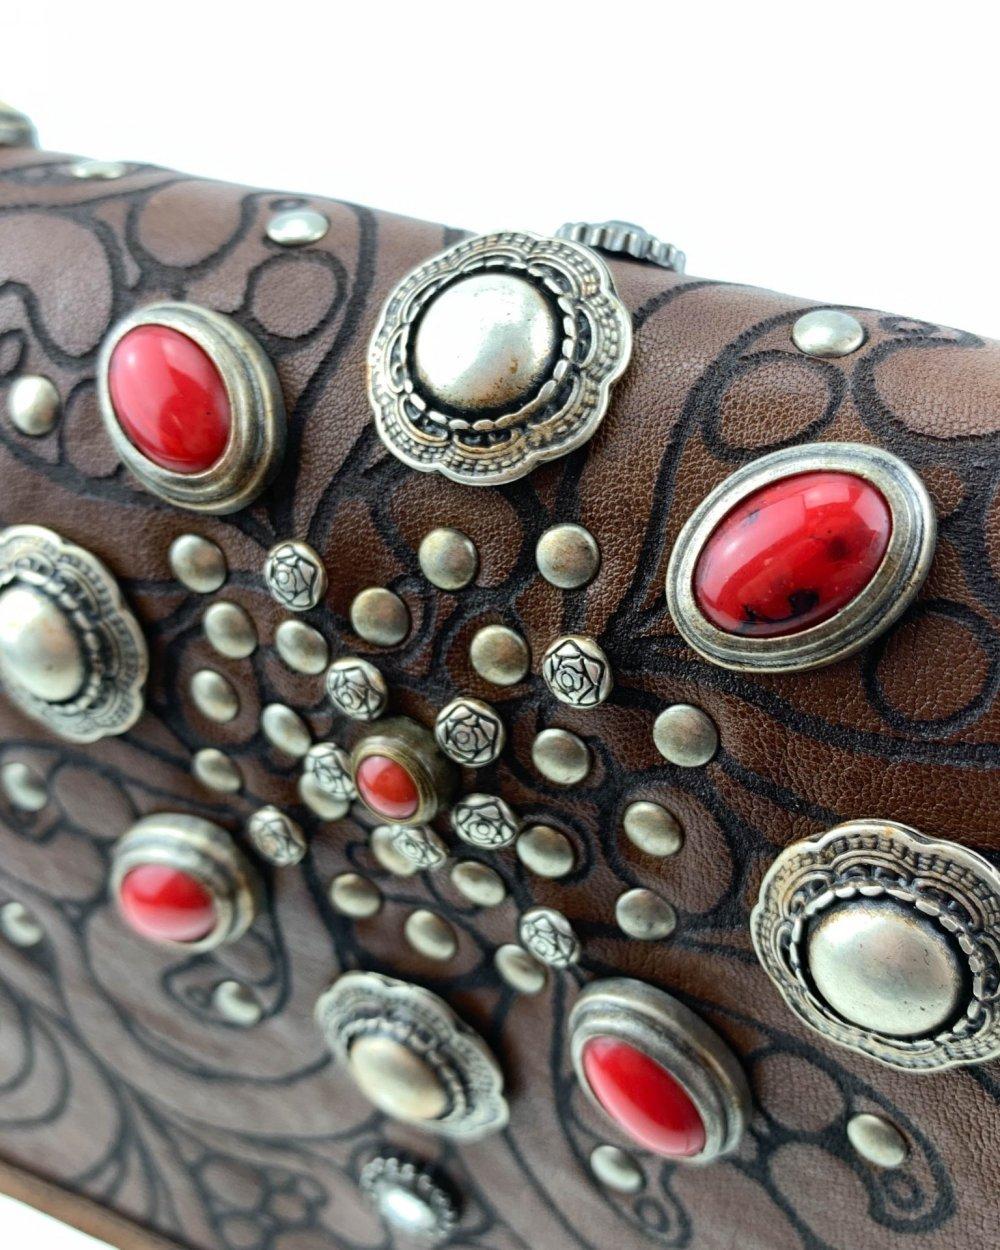 Moro & Co – Handmade in Italy – Borsa in vitello in concia vegetale color cuoio con patta con pietre rosse, borchie e incisione a laser con motivo floreale.